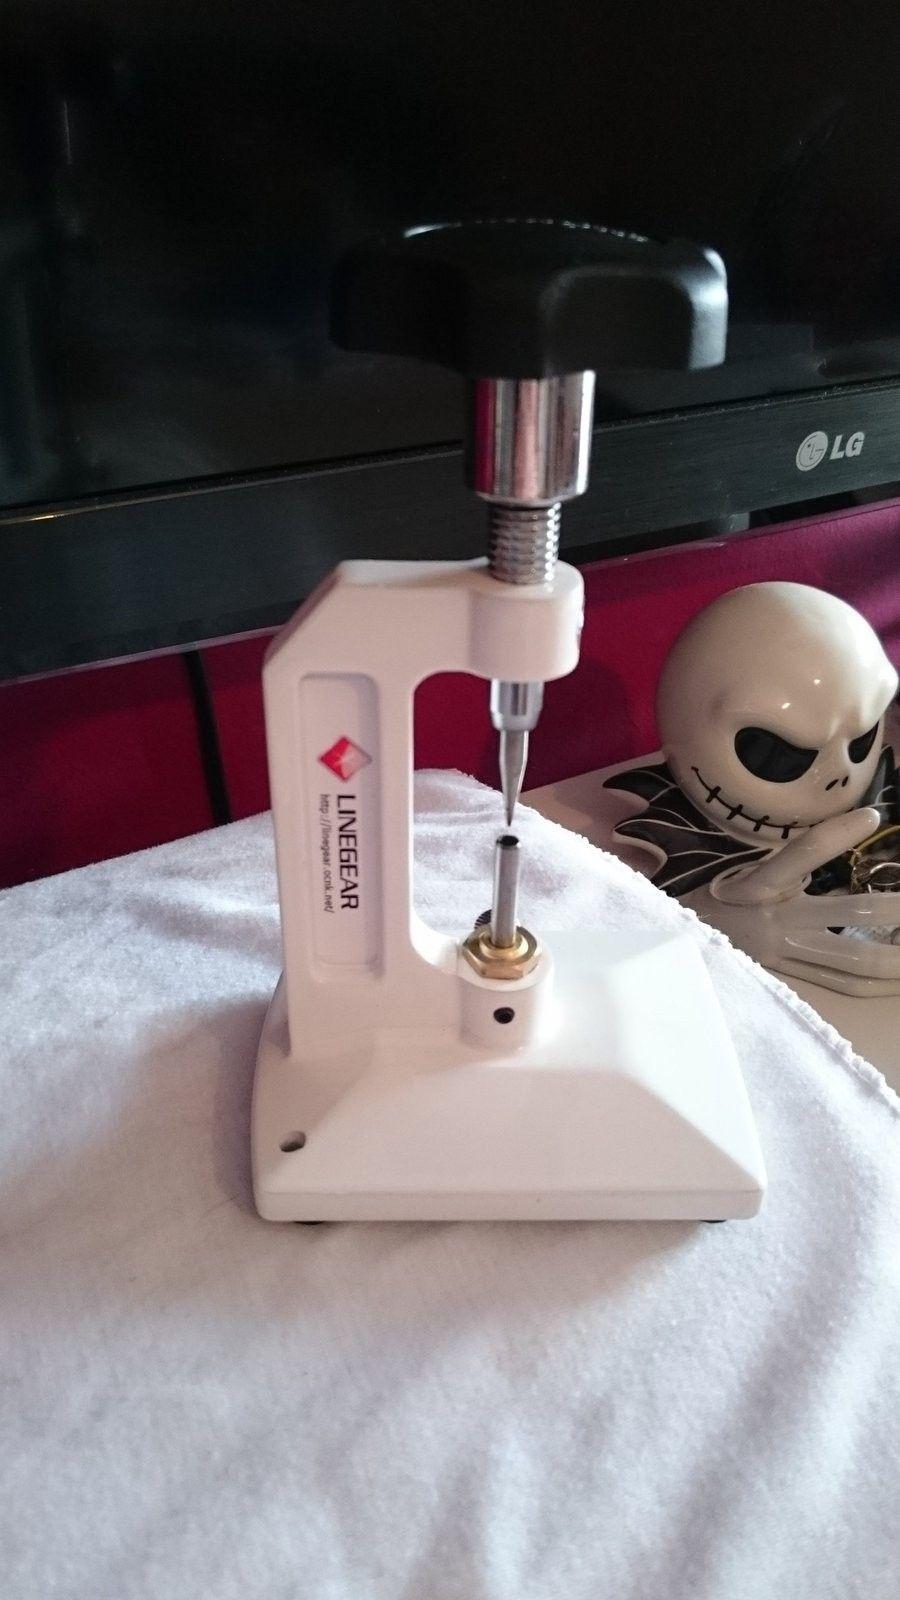 Screw & Pin Pusher tool - LINEGEAR - uploadfromtaptalk1431018708773.JPG